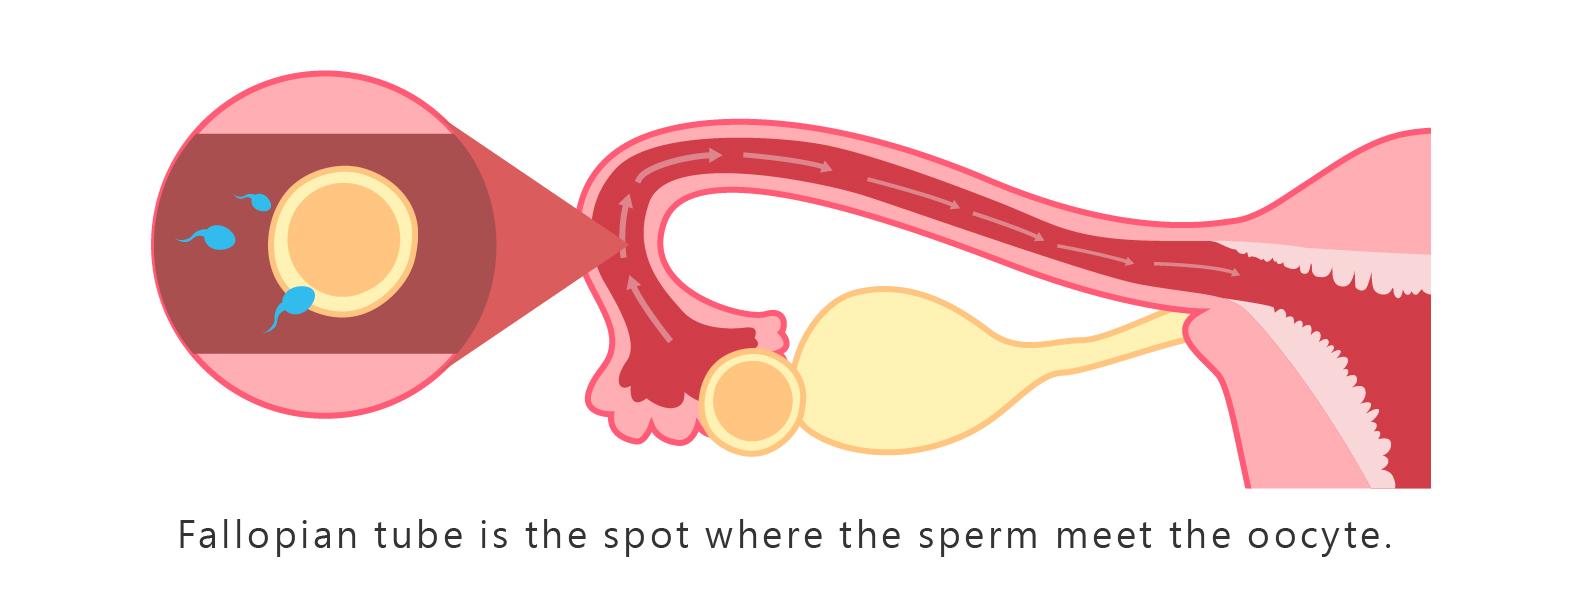 子宮輸卵管攝影